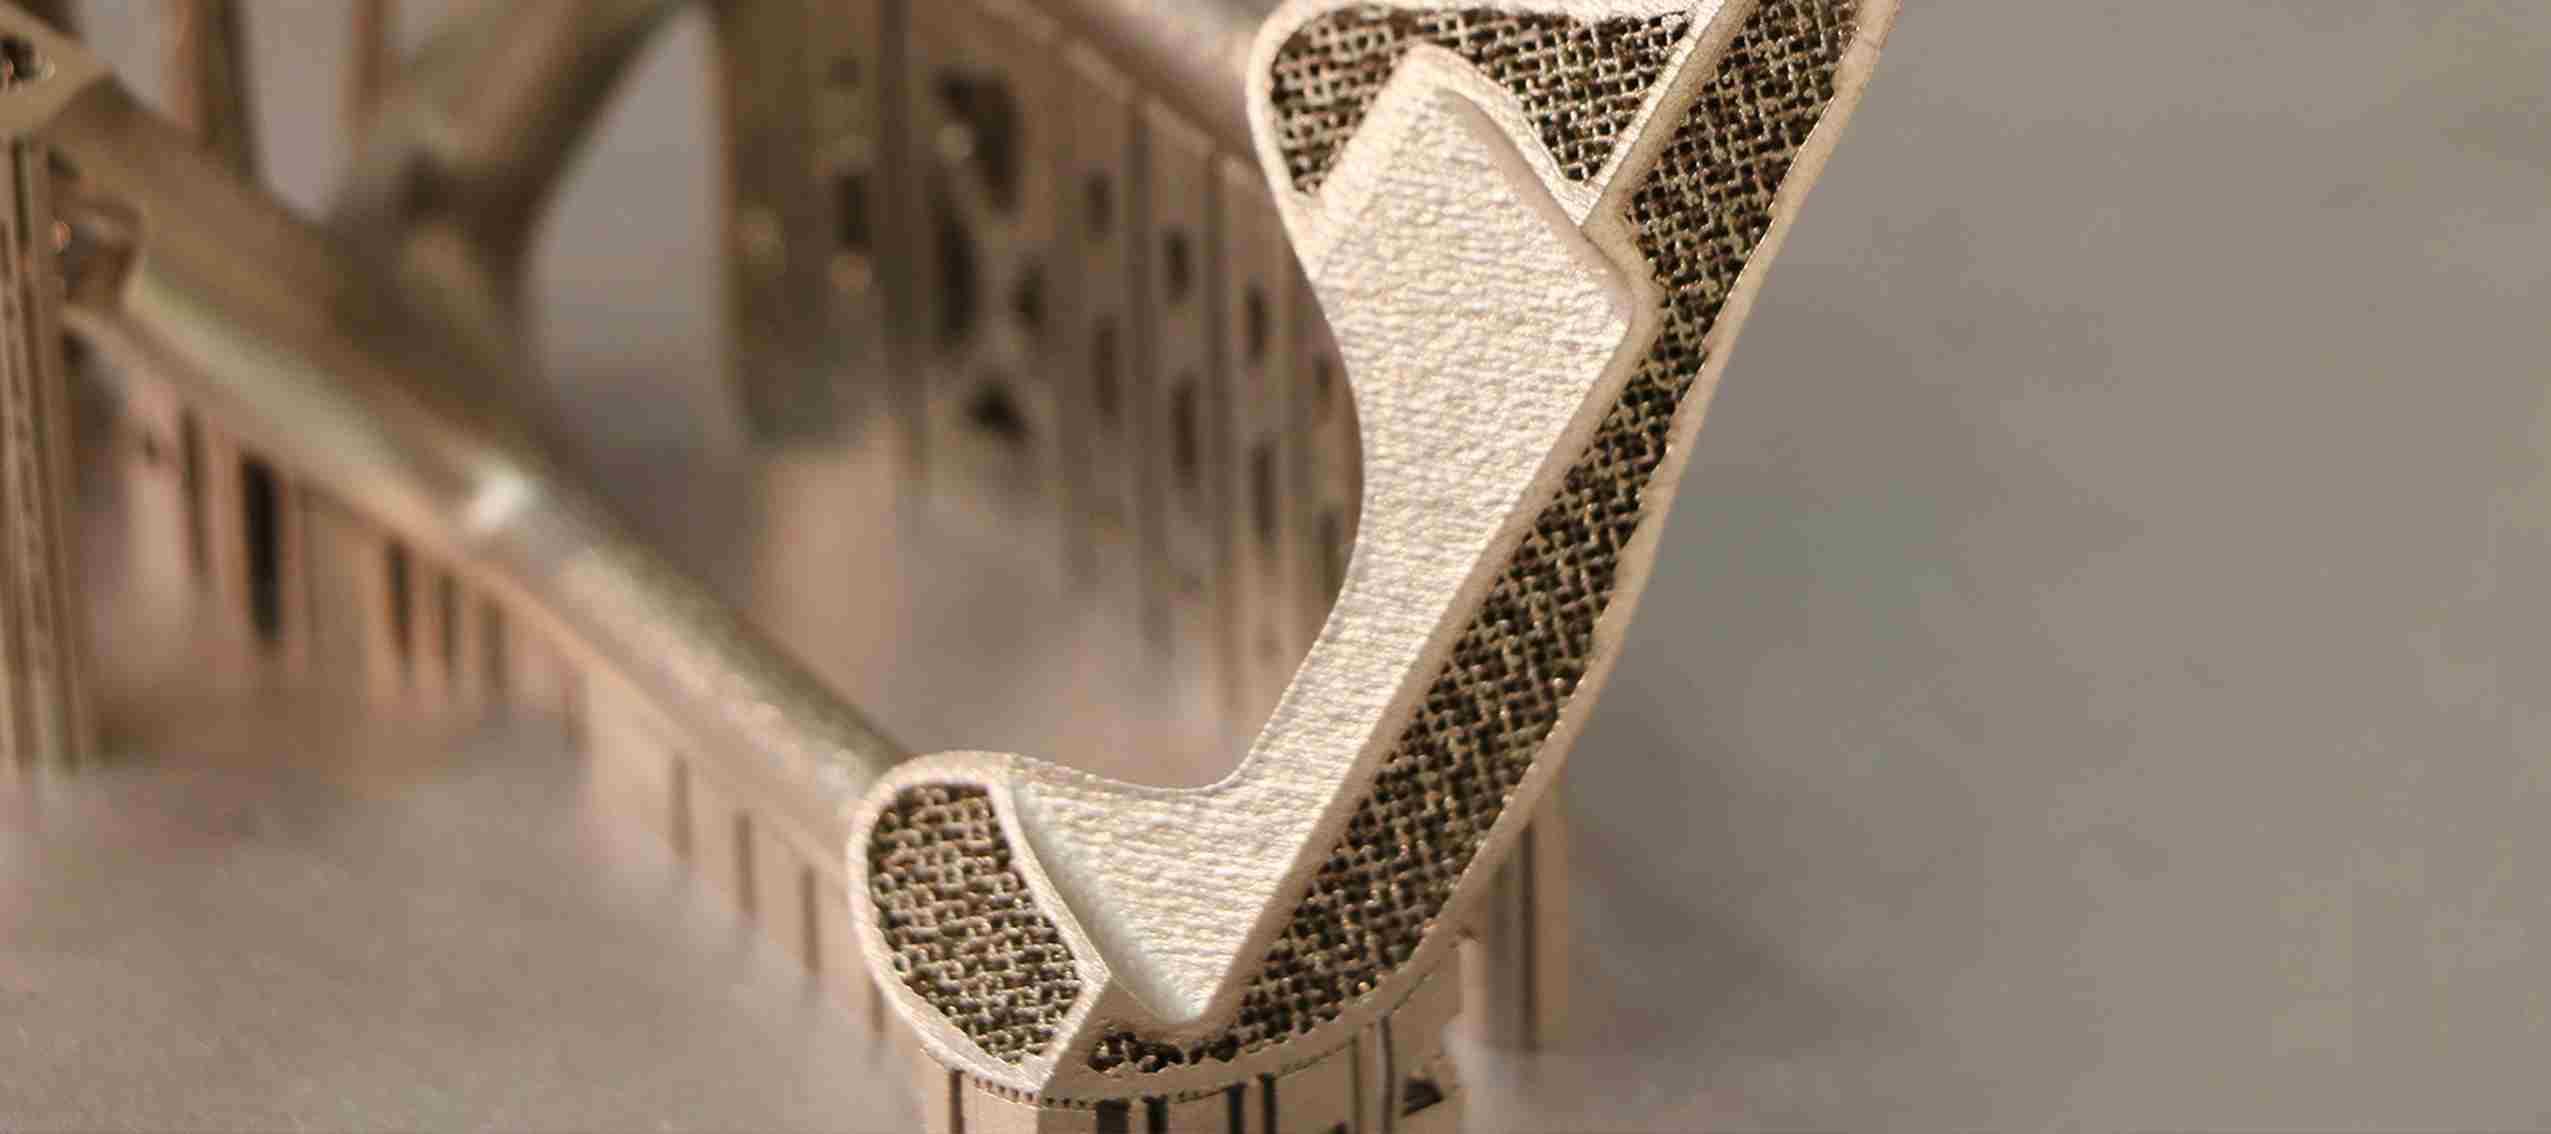 El máster en ingeniería y fabricación aditiva MIFA celebrará su segunda edición a partir de noviembre